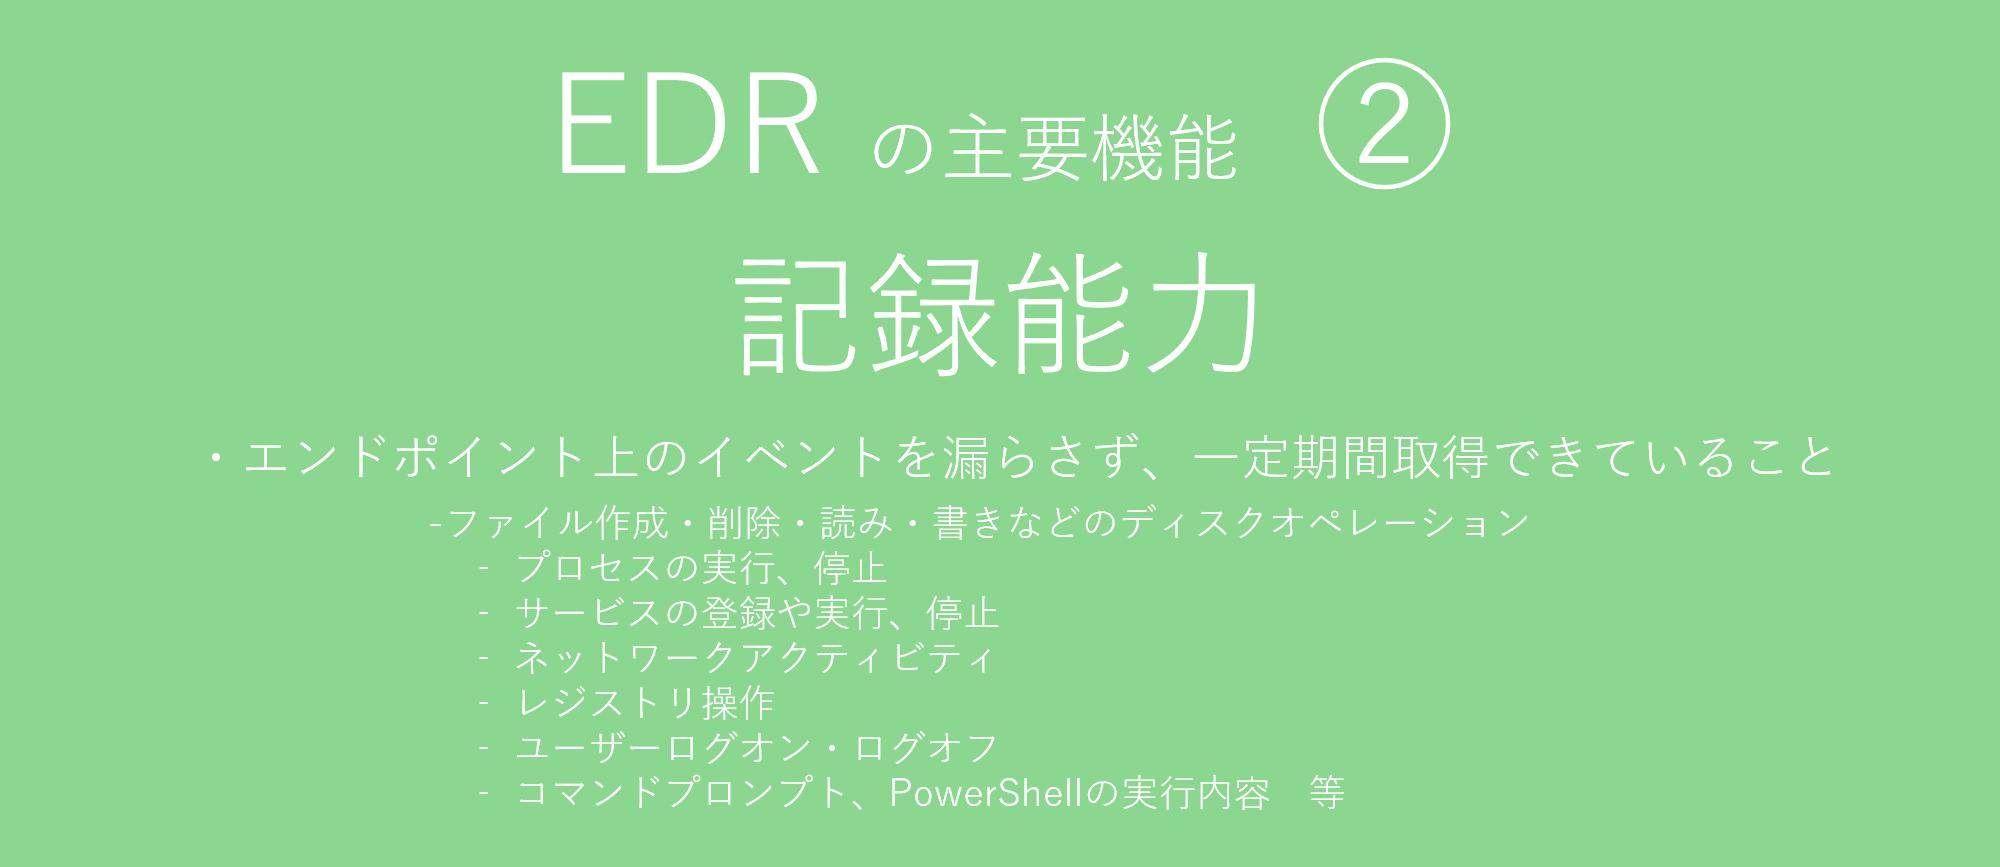 EDR2a